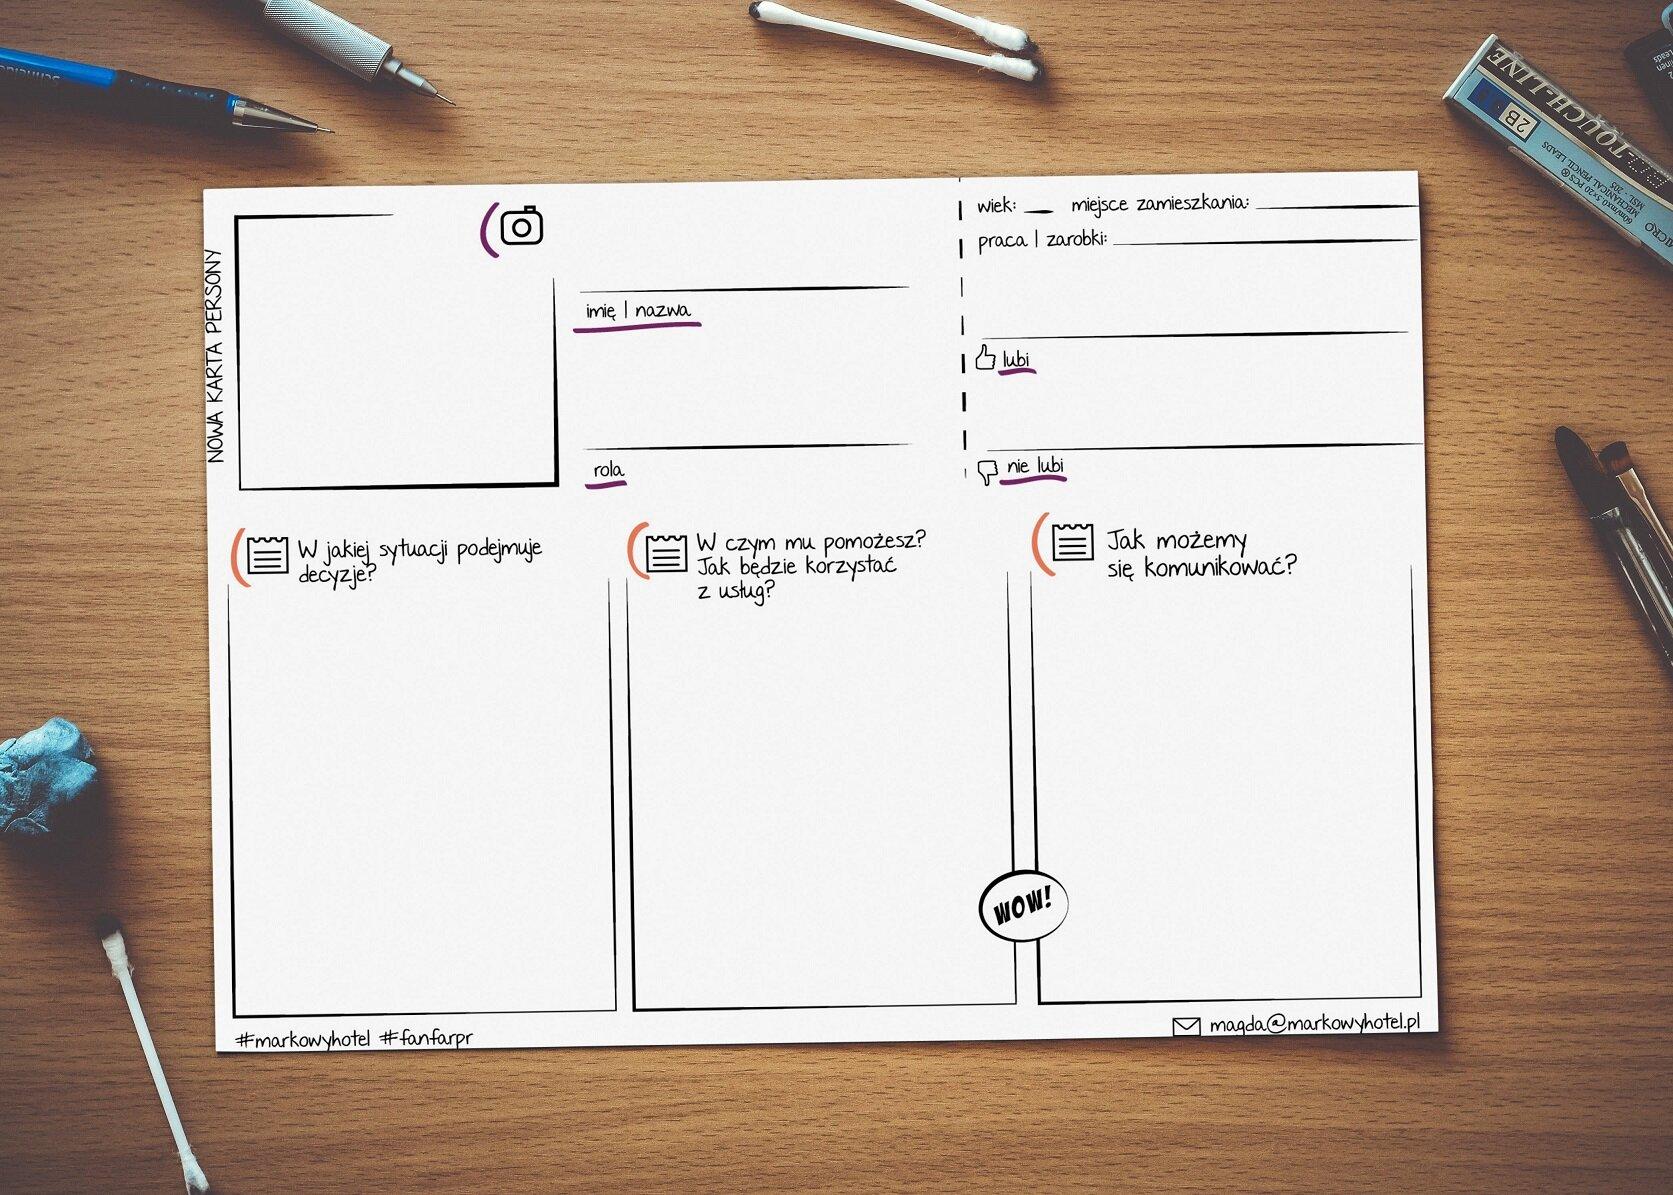 Nowa Karta Person - jak określić grupę klientów